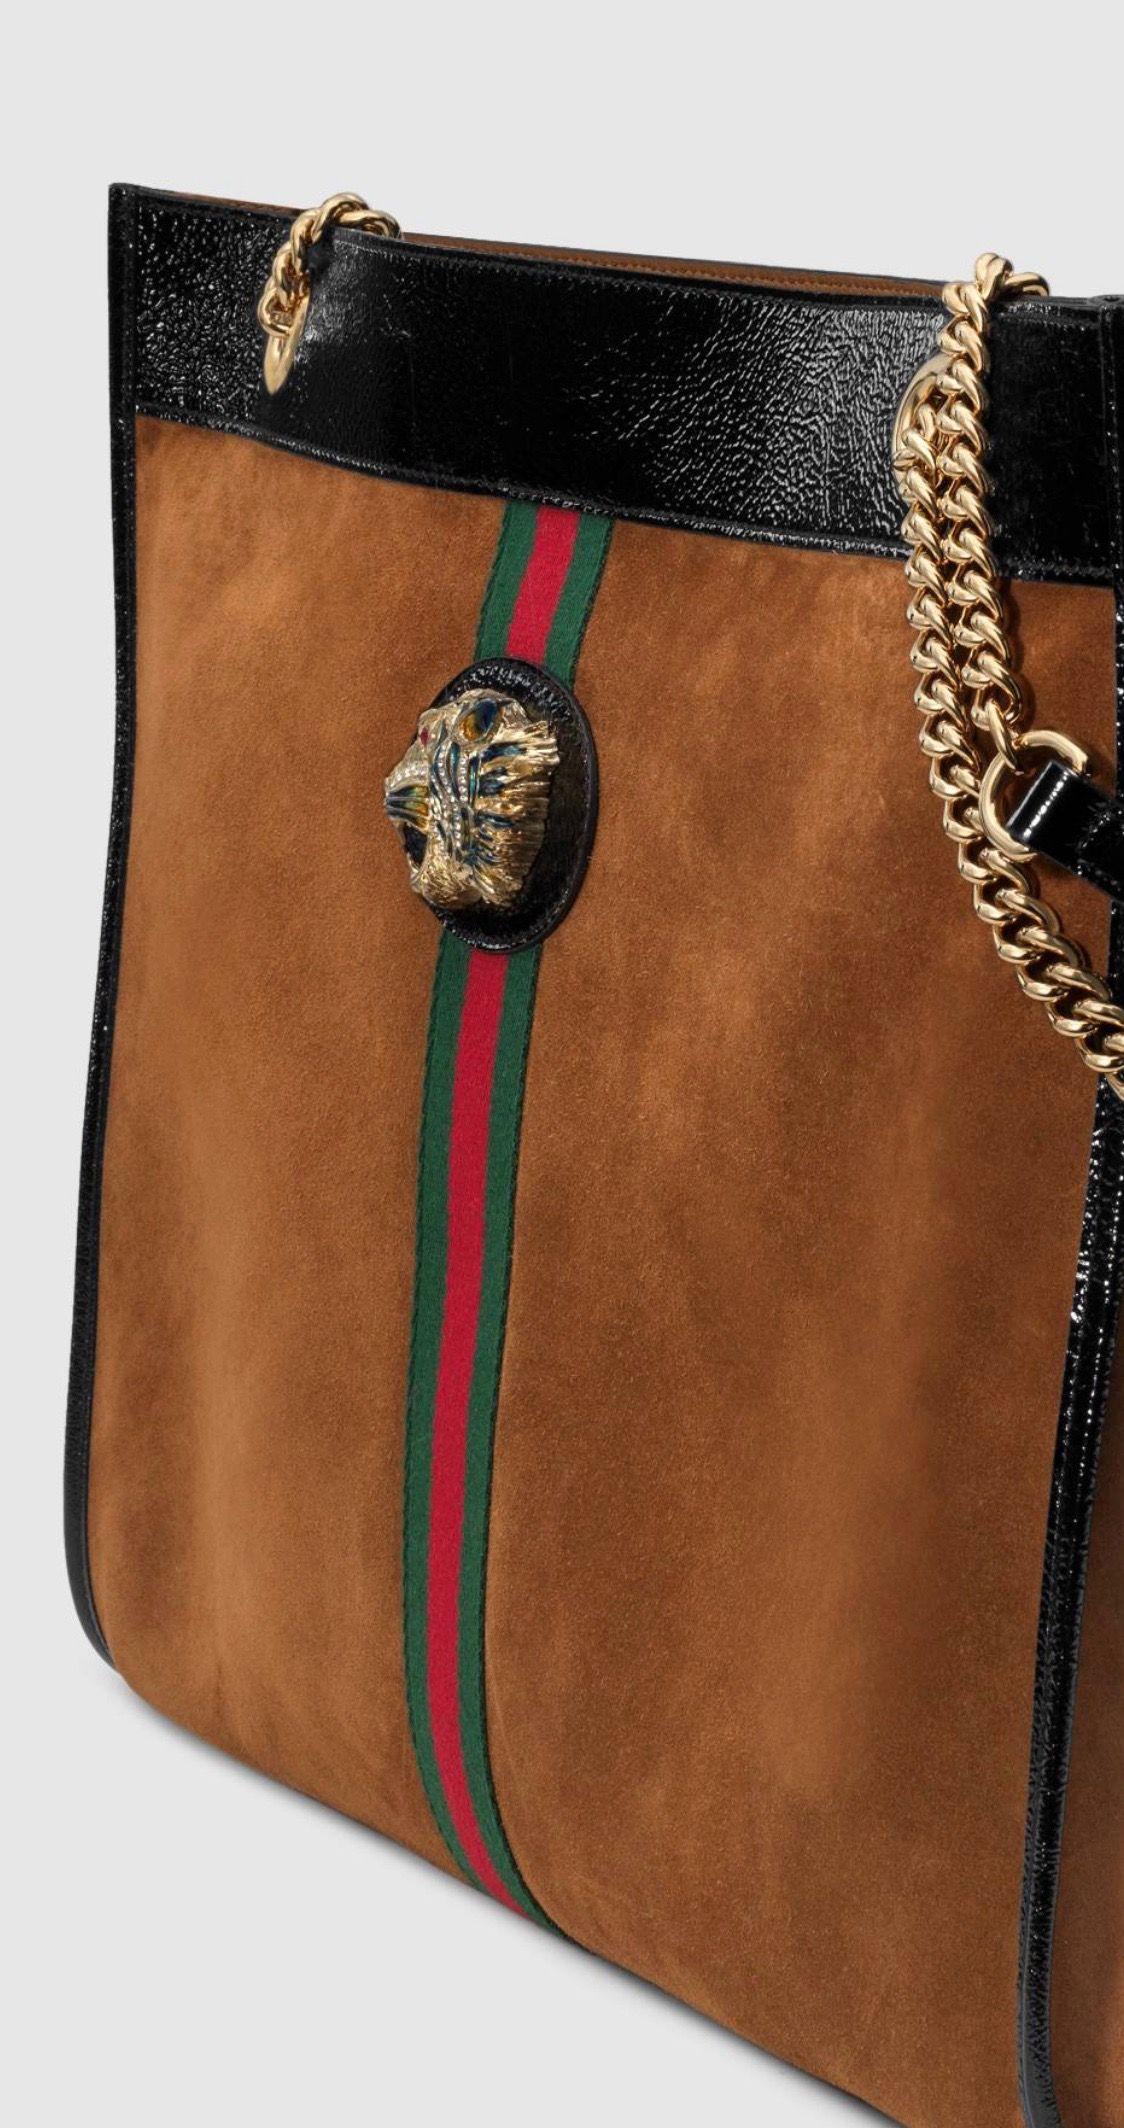 cd745e5ff38e7 Gucci - New designs in Bags 2019 2020  luxurydotcom